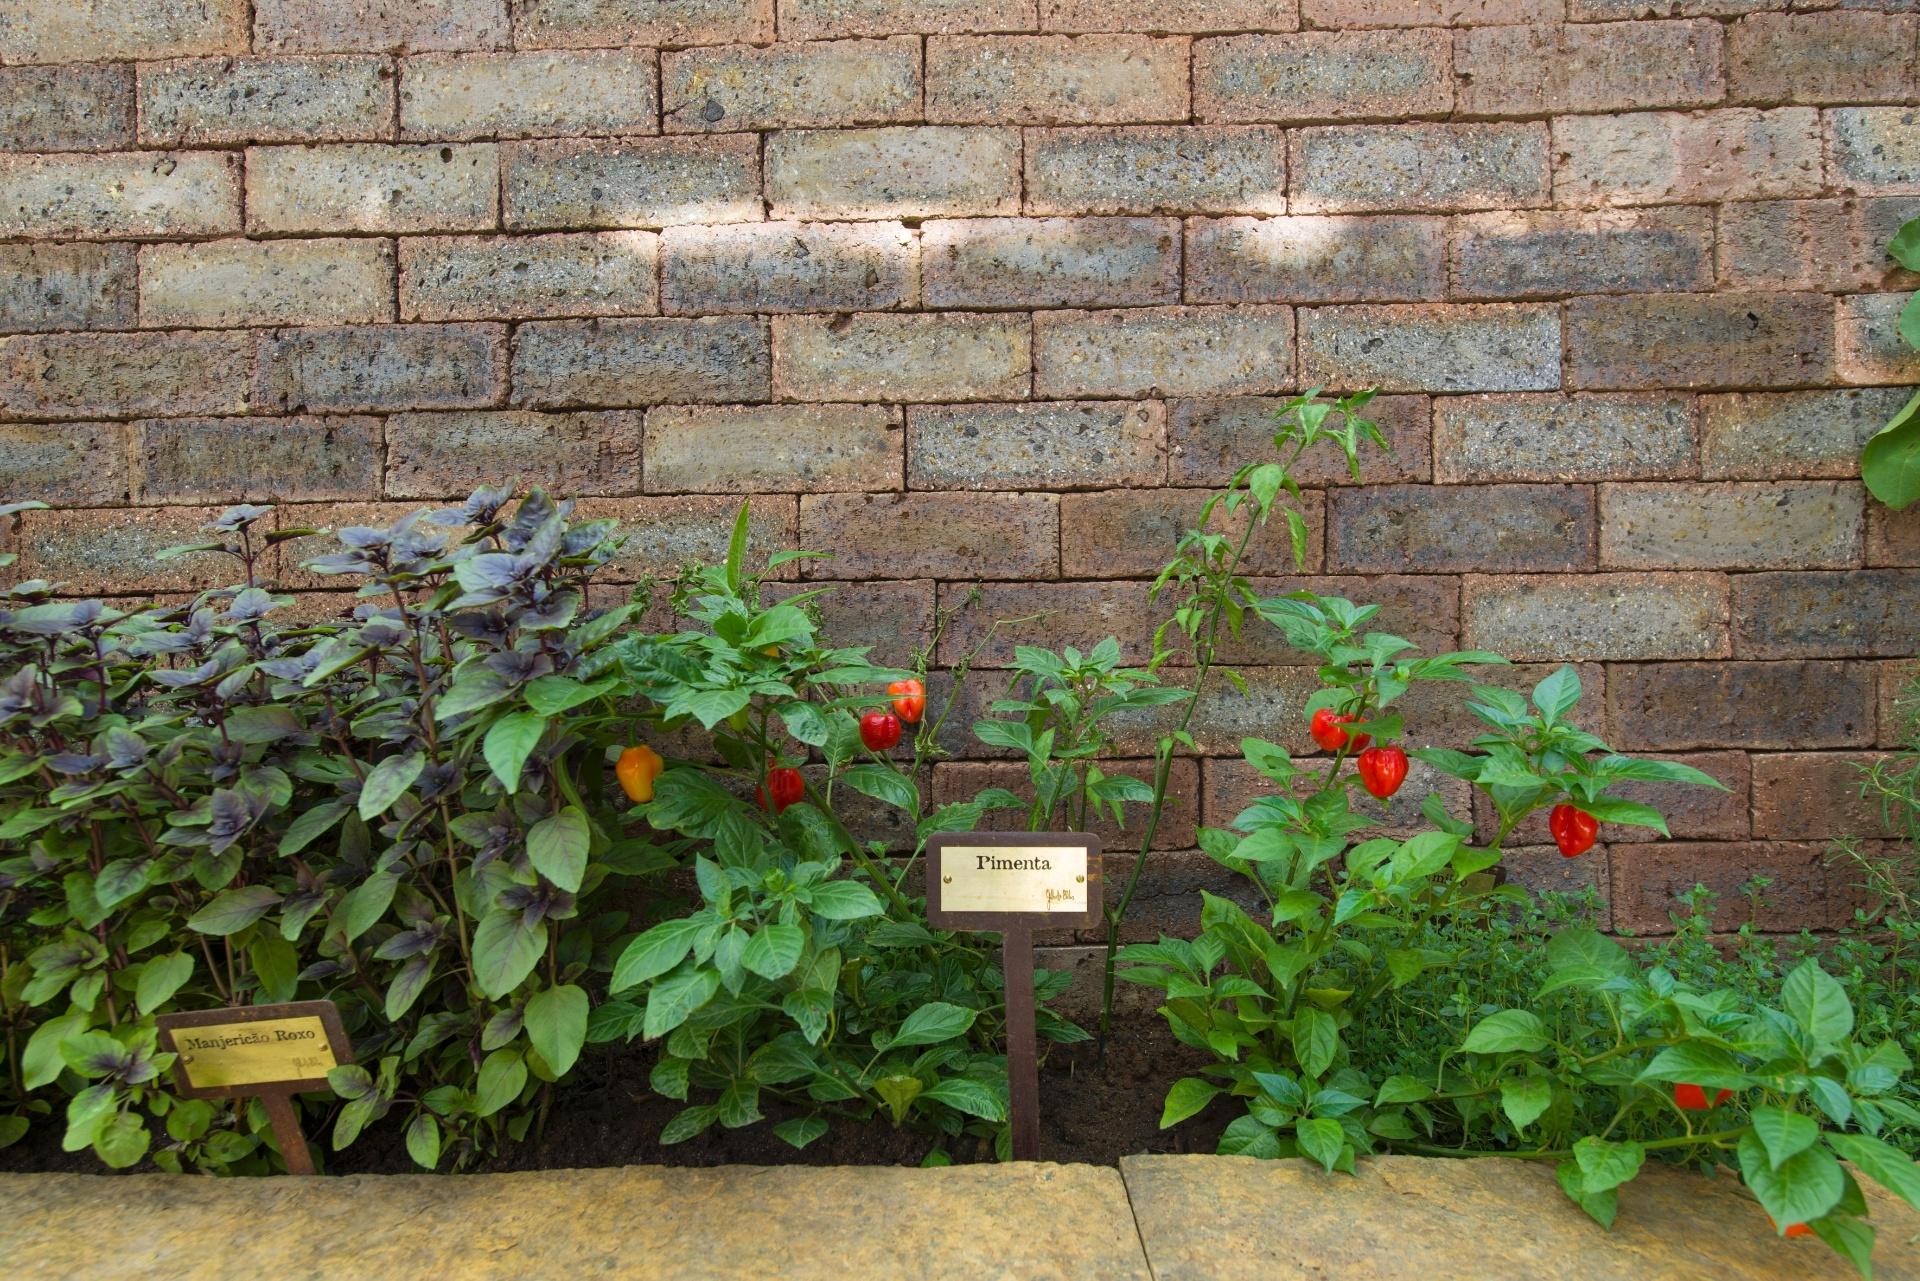 Charme e frescor da horta de temperos ou do cantinho verde - No jardim de inverno da Casa de Campo, projetada pelo arquiteto Sig Bergamin, os temperos estão em vasos de diferentes tamanhos e também ocupam o canteiro (foto)